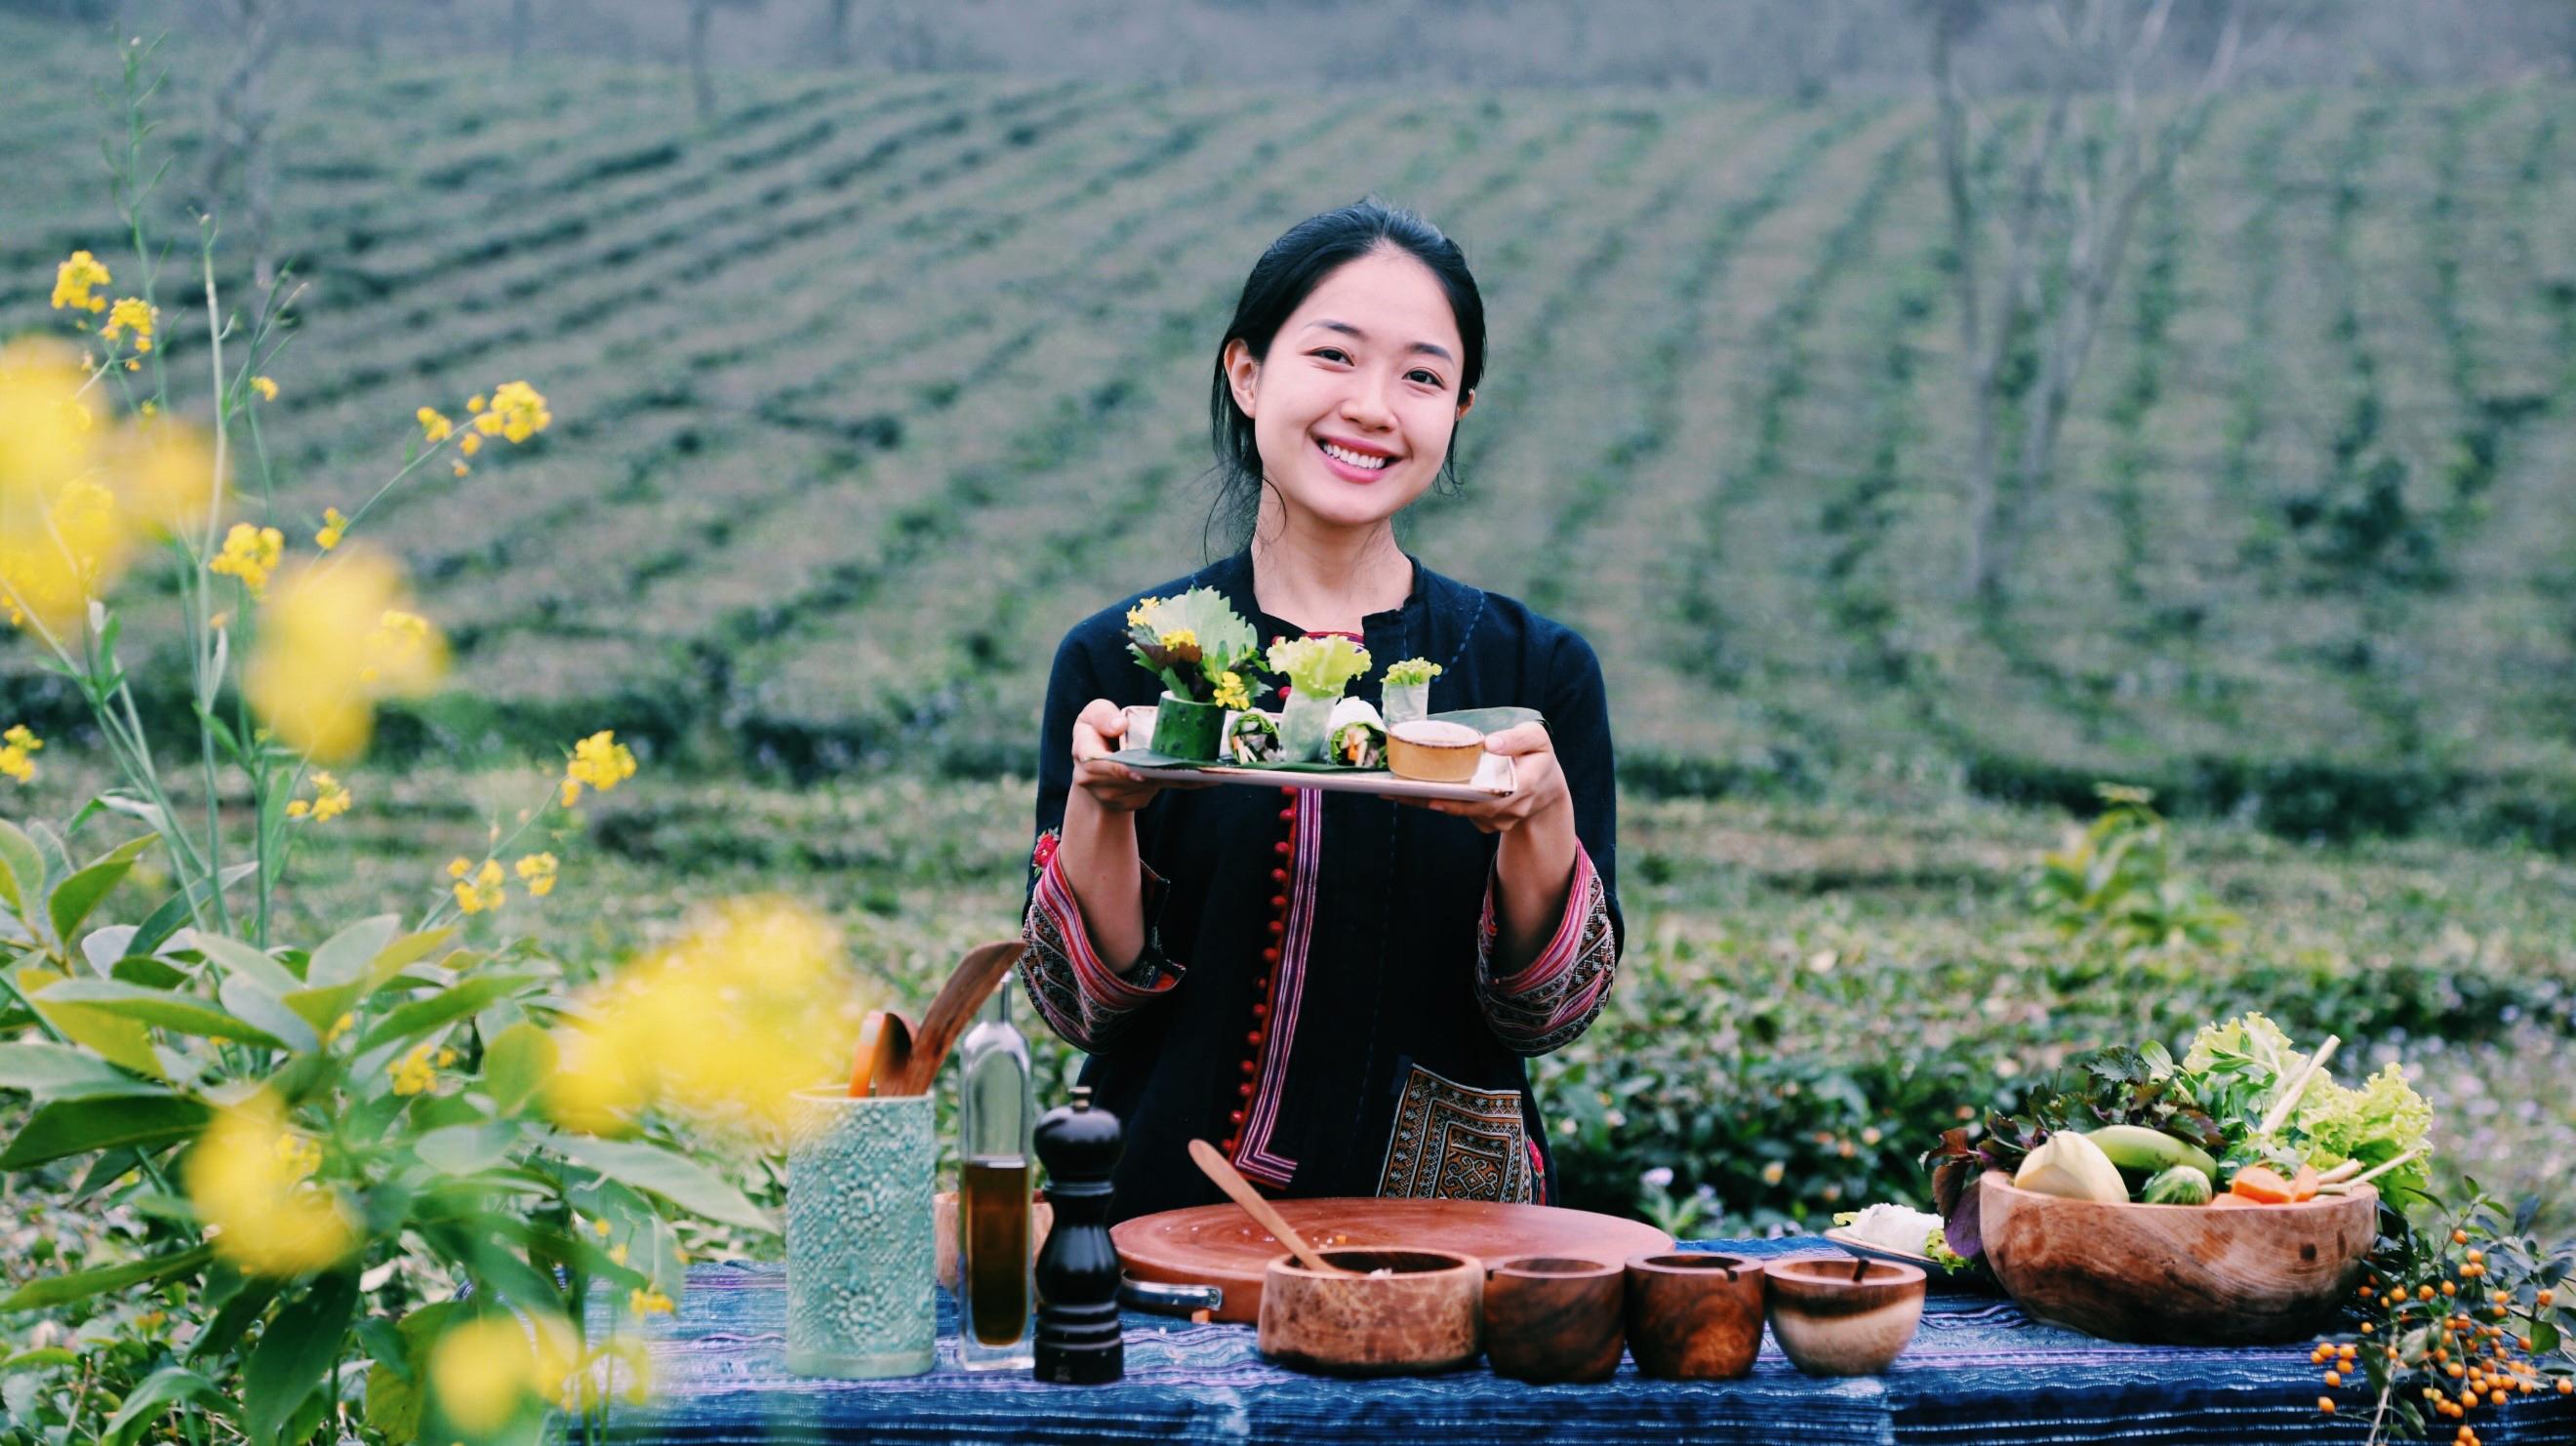 kênh ẩm thực Vuong Anh's Cooking Journey